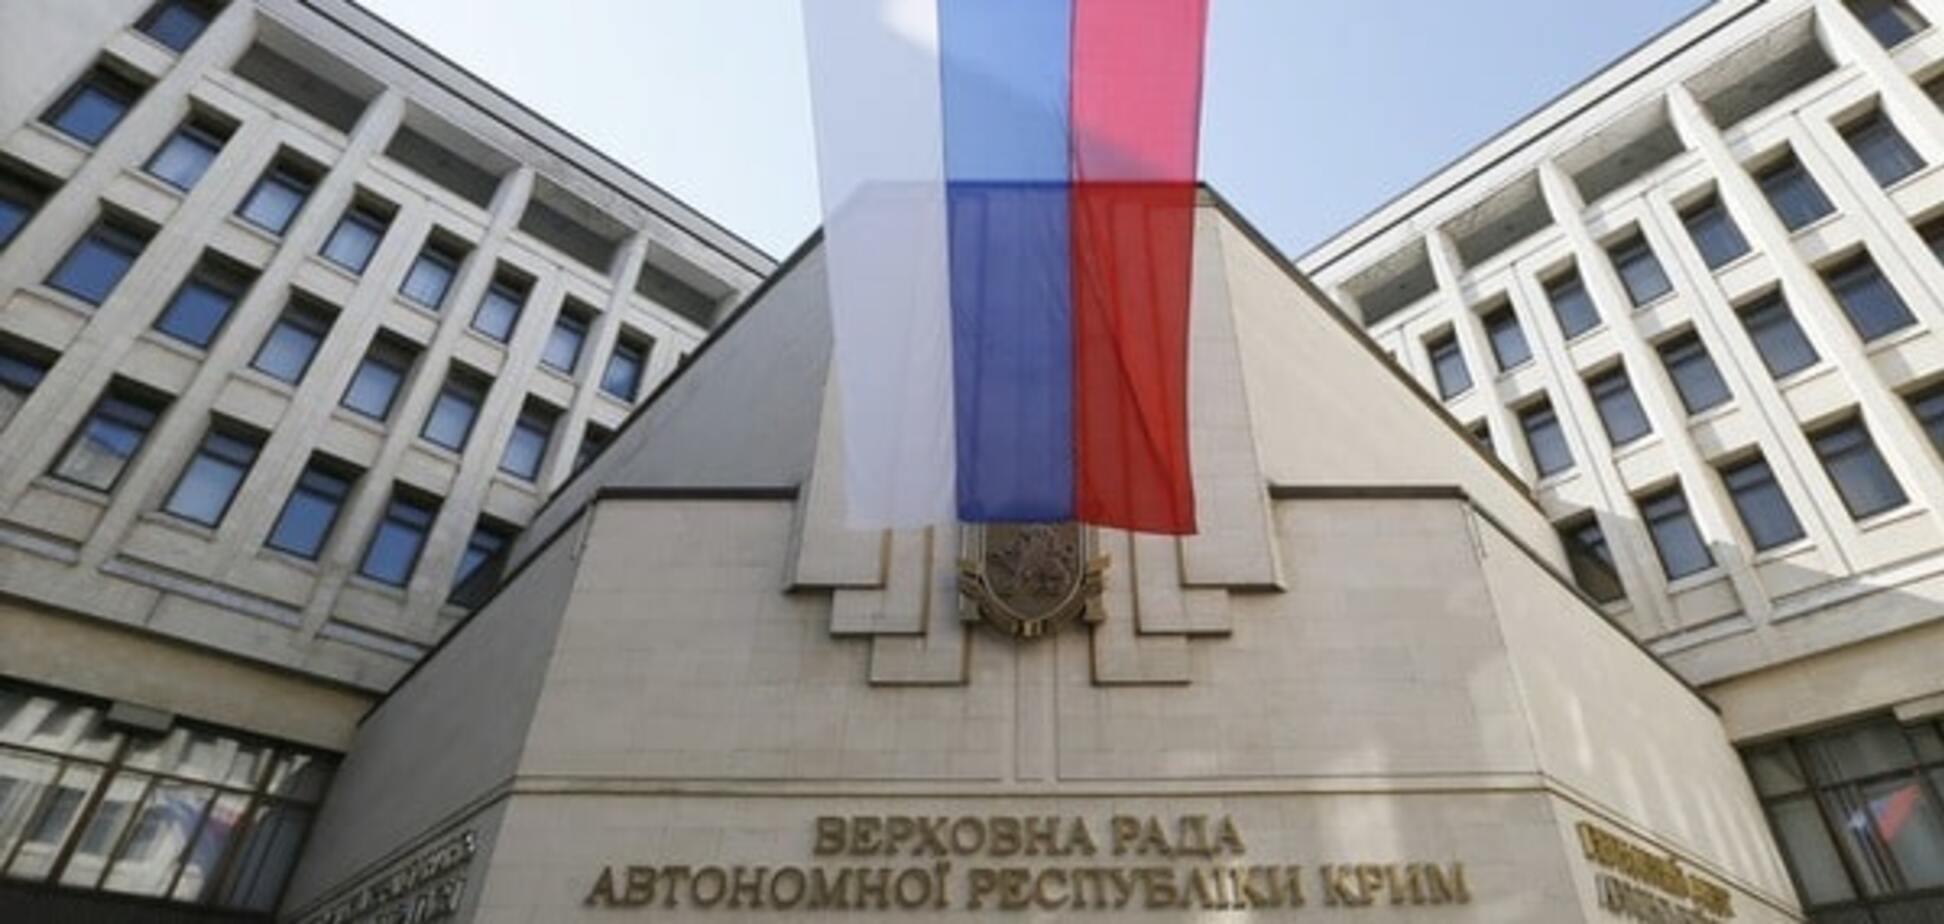 Россия после аннексии Крыма поставила себя в положение КНДР - журналист